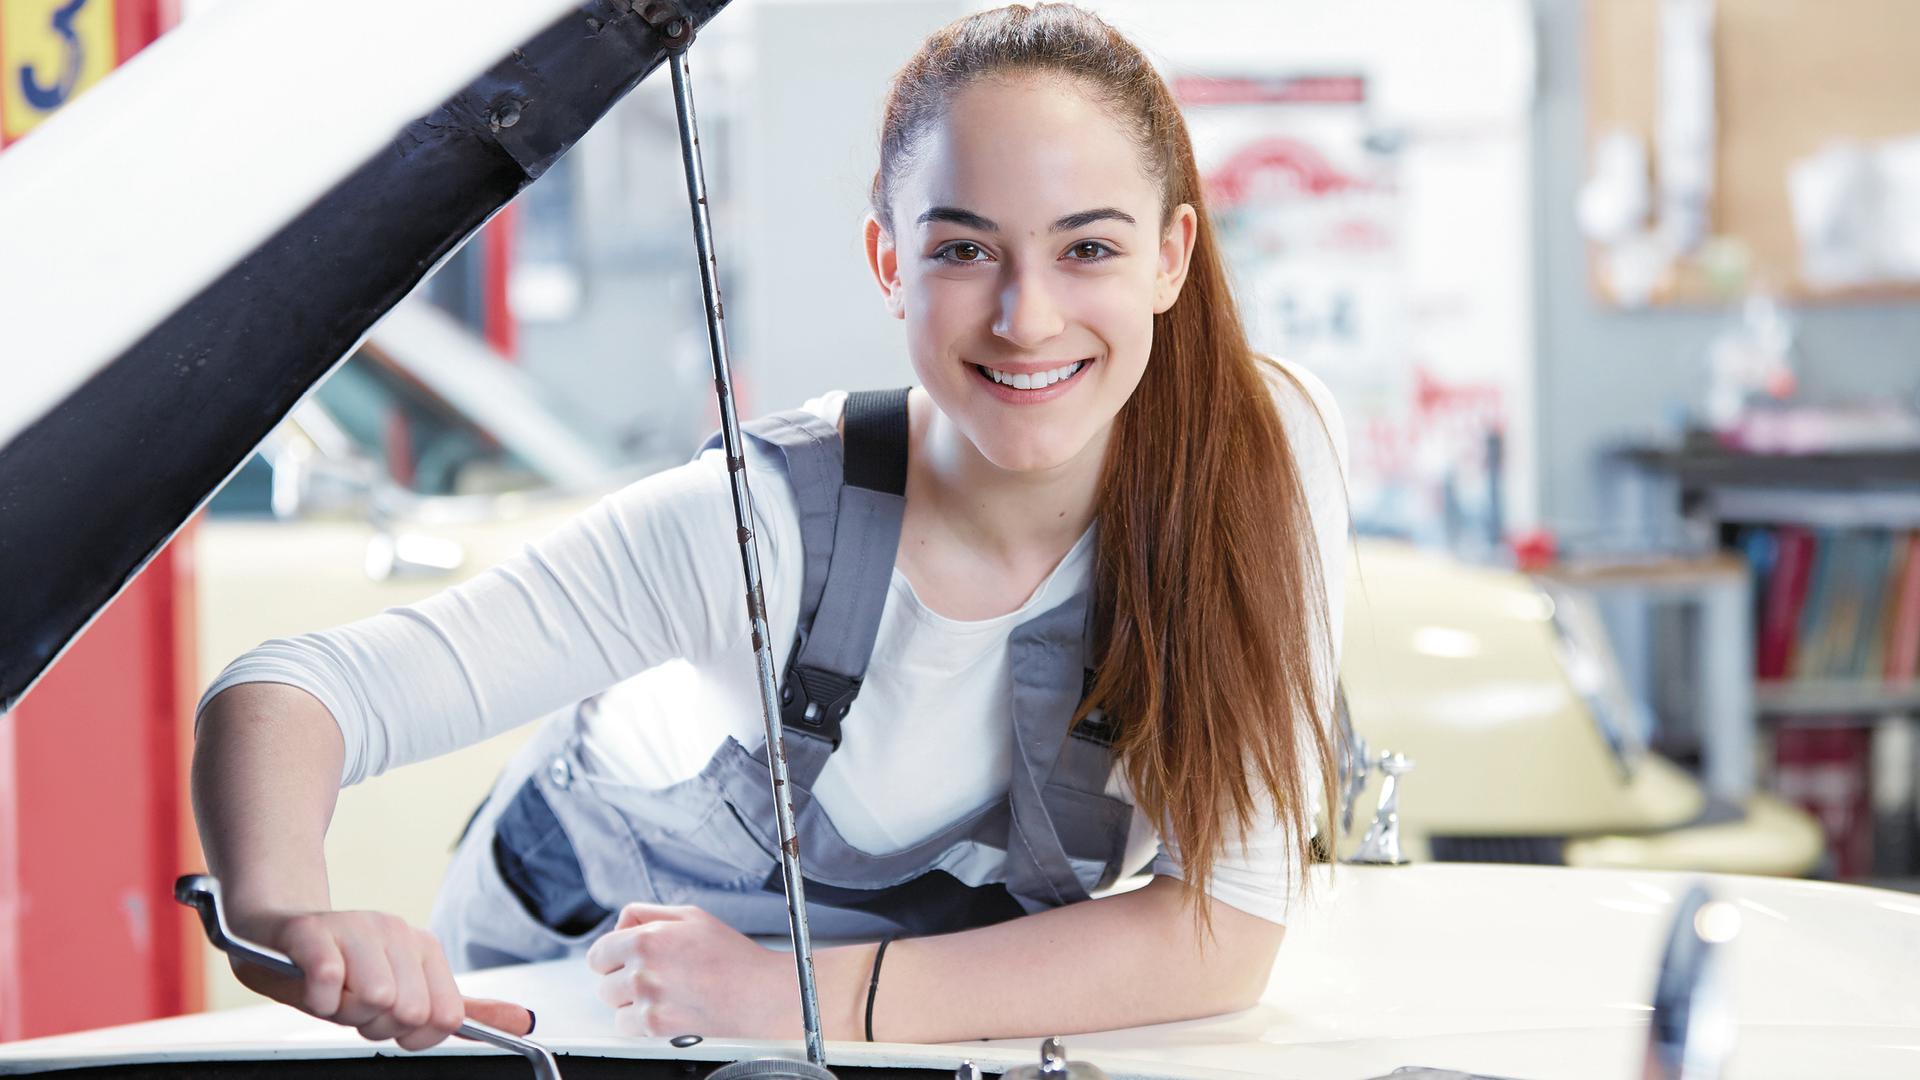 """Klassische """"Männerjobs""""? Von wegen: Das Handwerk hält gerade auch für junge Frauen viele spannende Karrierechancen bereit."""